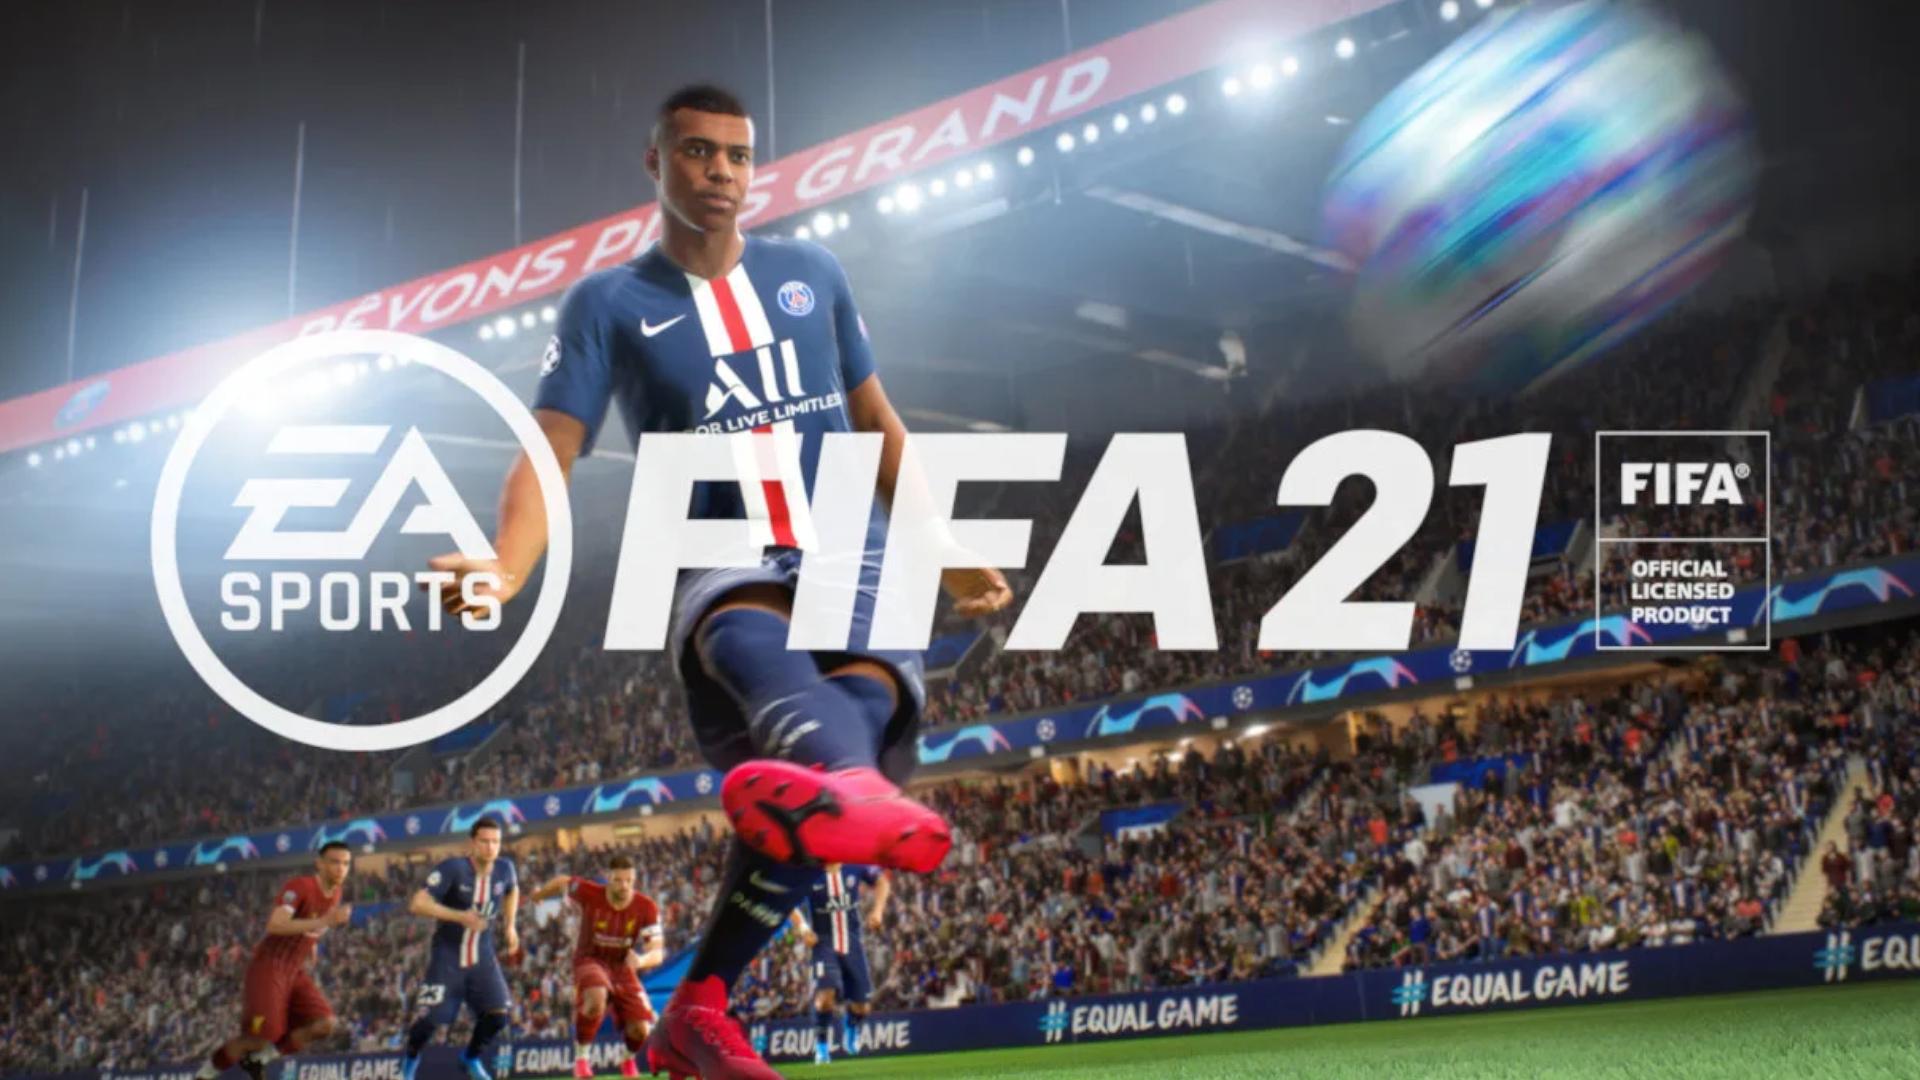 NHL 21 dostępne w usłudze EA Play i Xbox Game Pass, już wkrótce FIFA 21